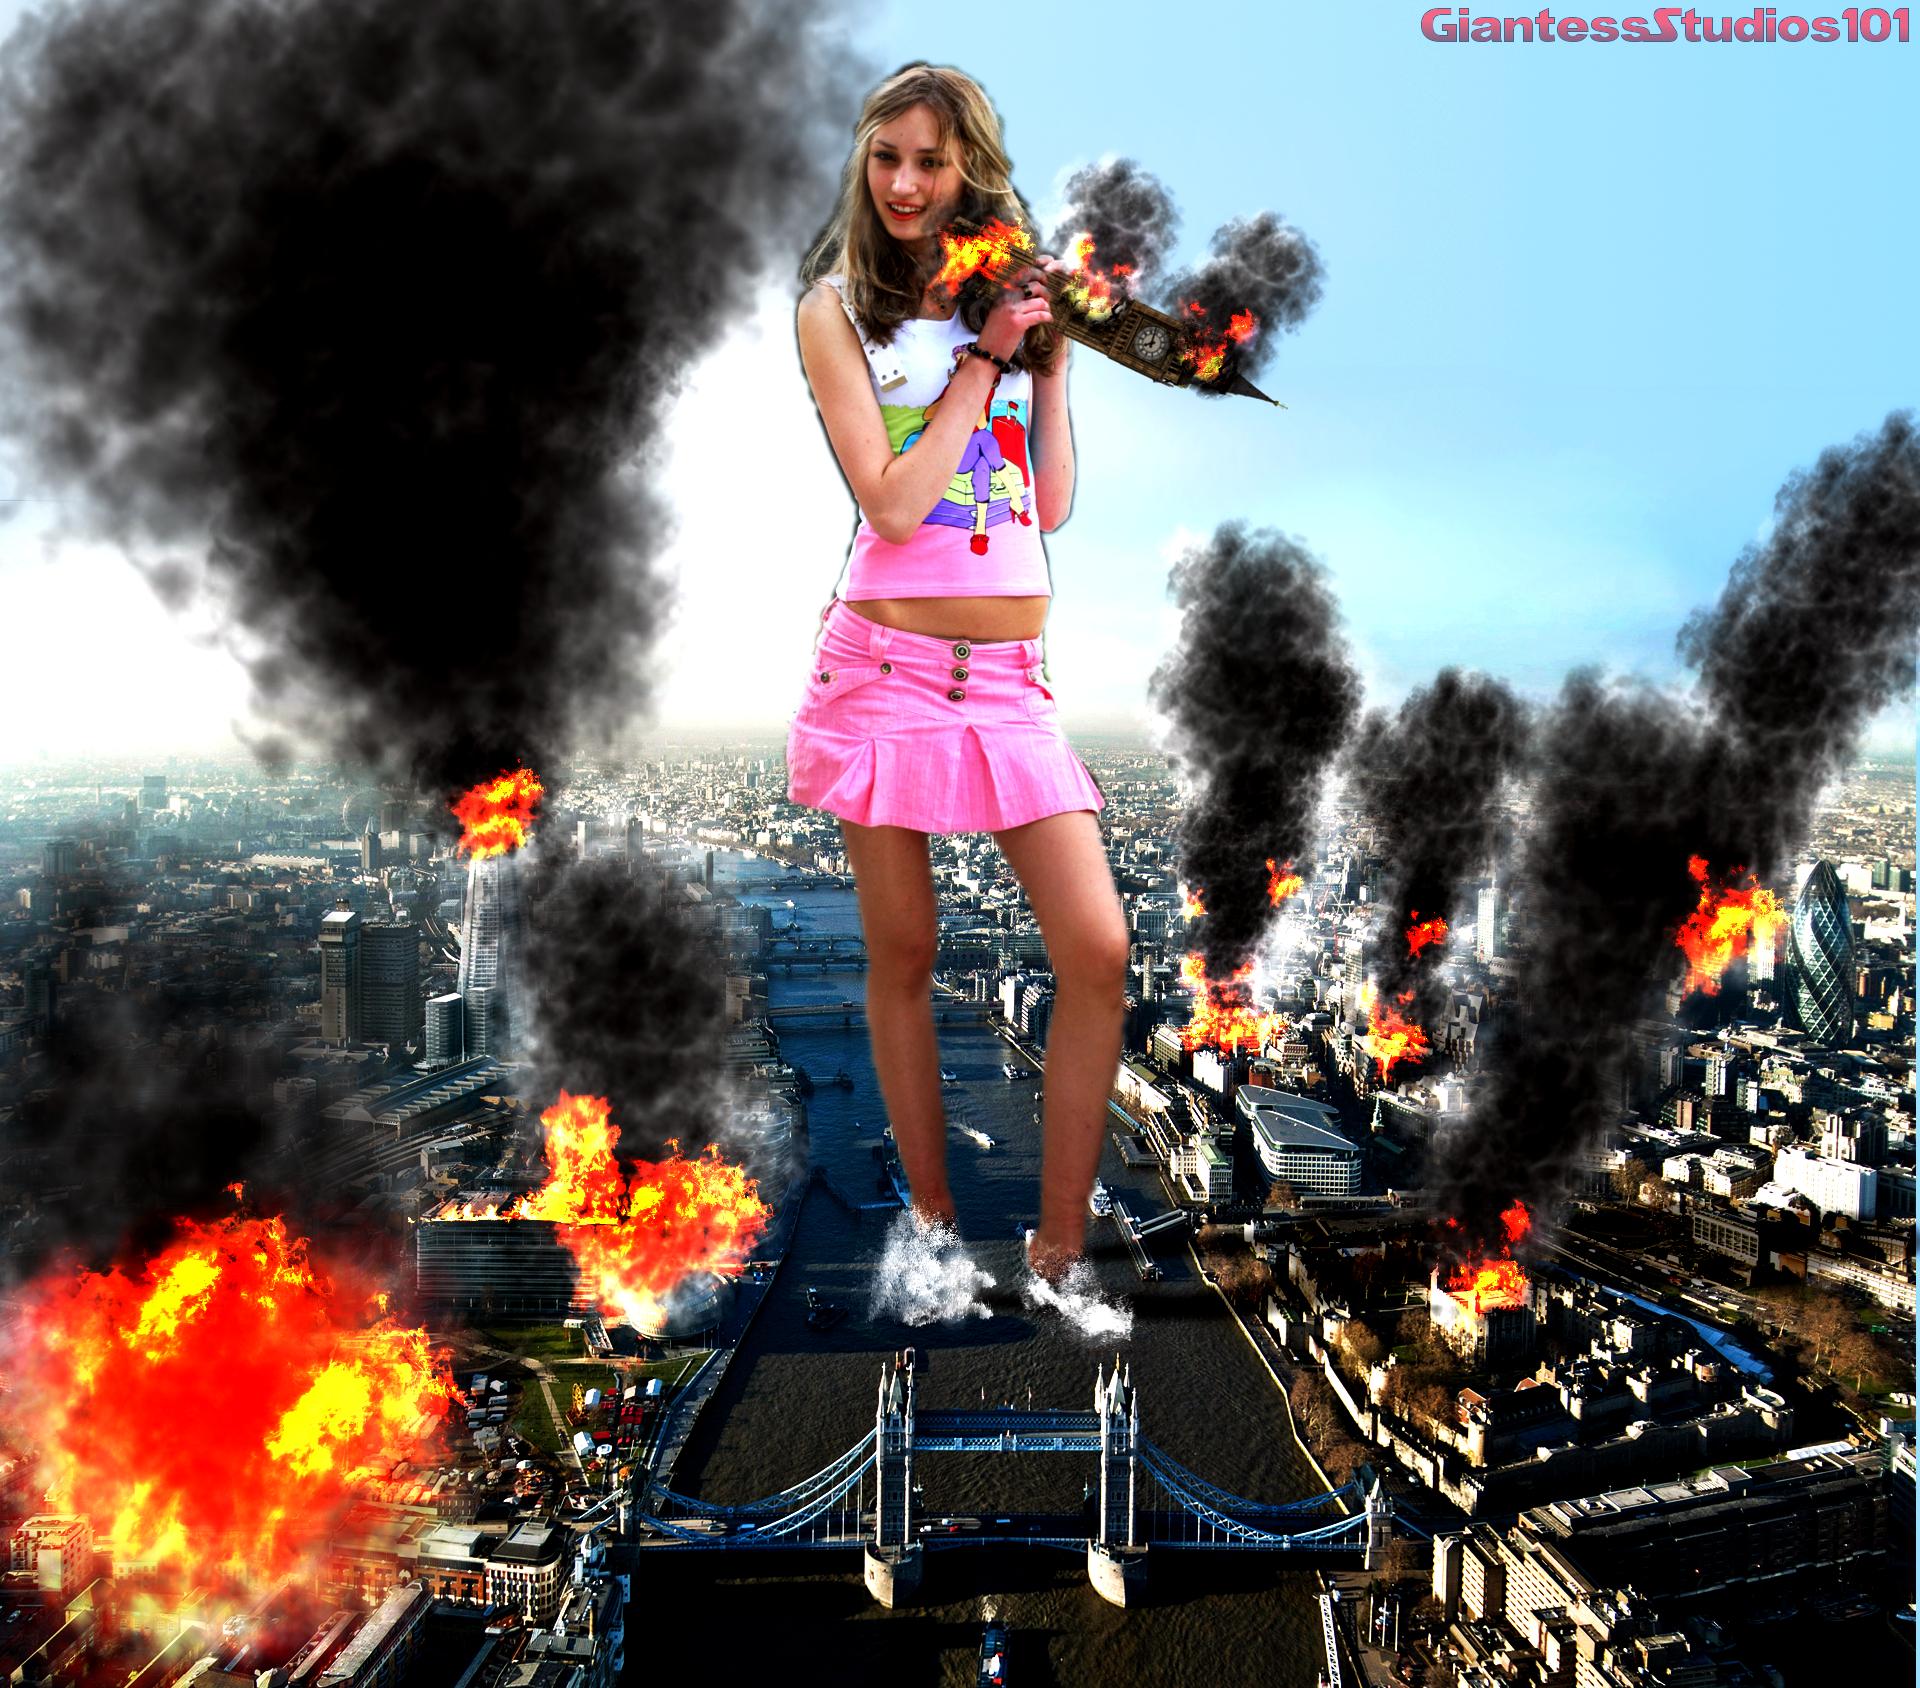 Giantess destroys city